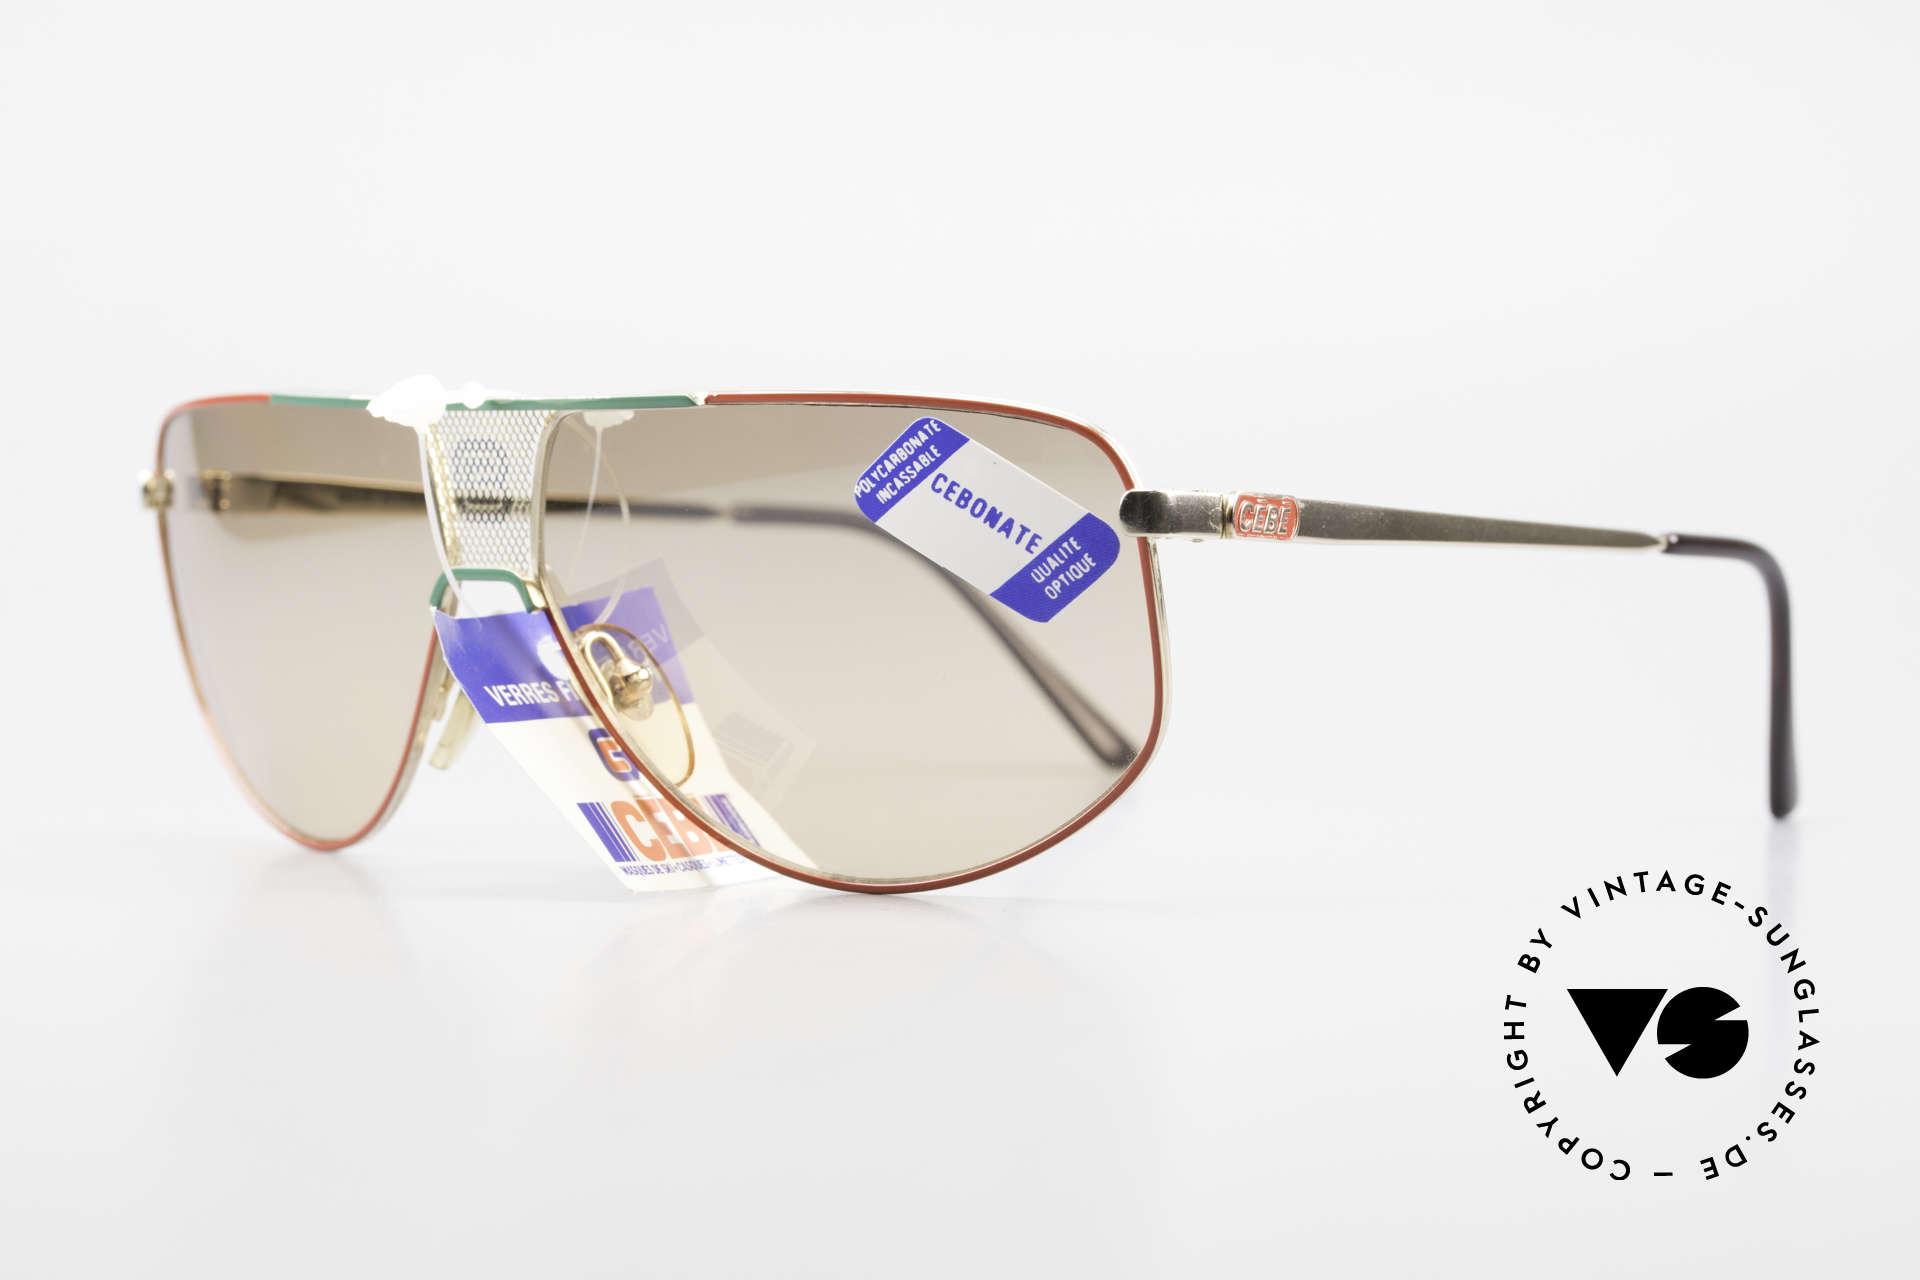 Cebe 0299 90er Sportsonnenbrille Ski, high-end Karbonat-Sonnengläser (für Sport-Aktivitäten), Passend für Herren und Damen